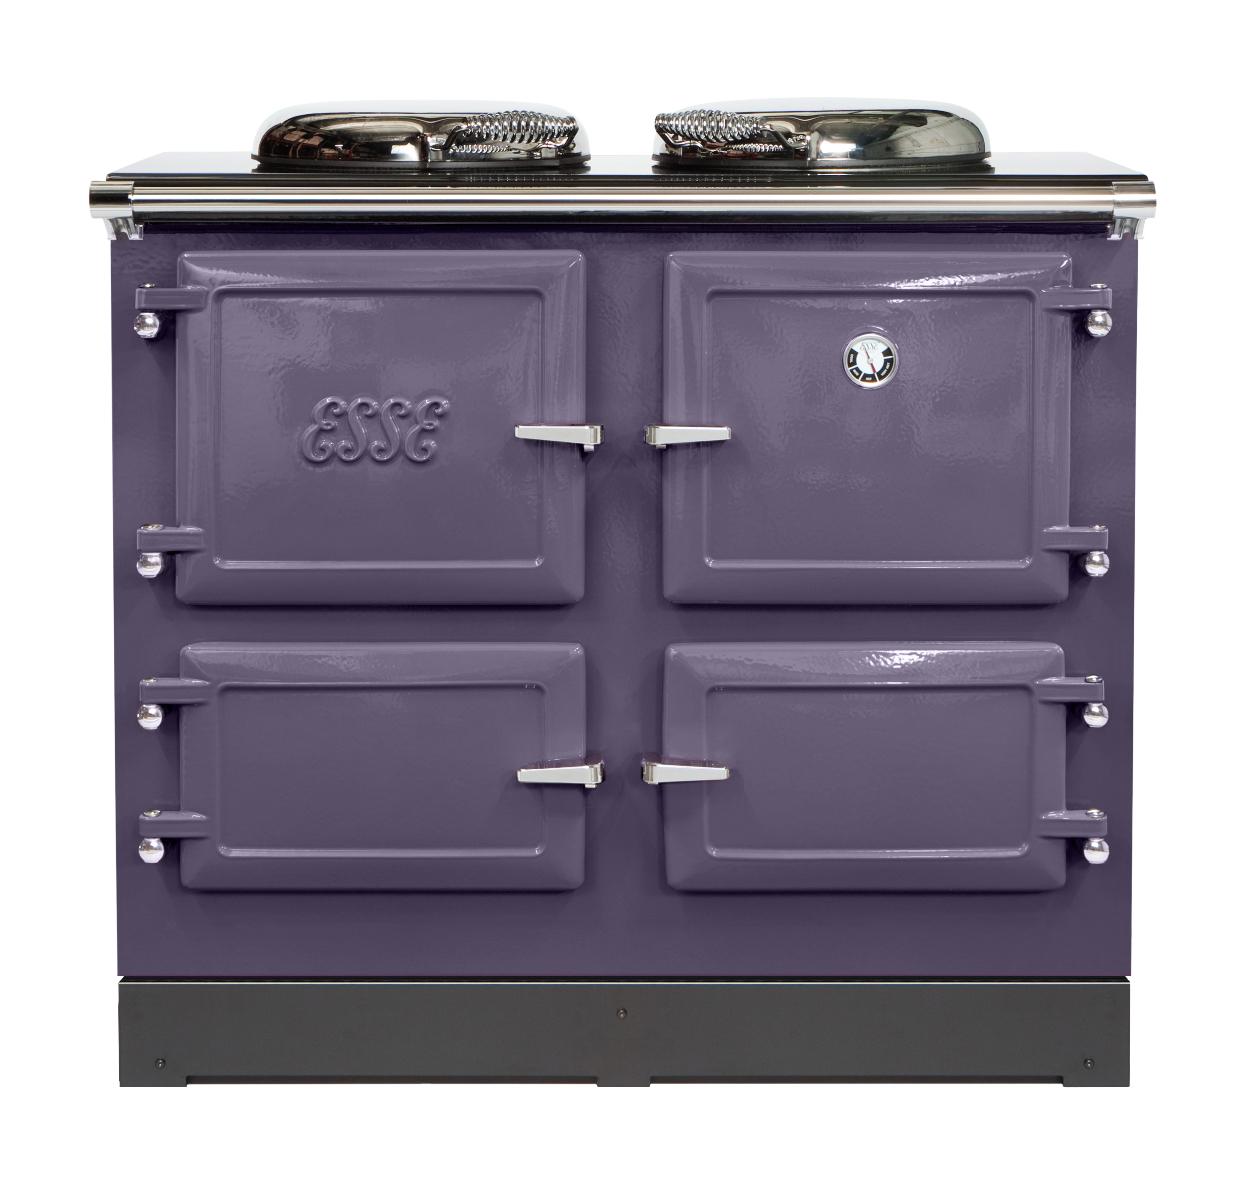 ESSE range cooker